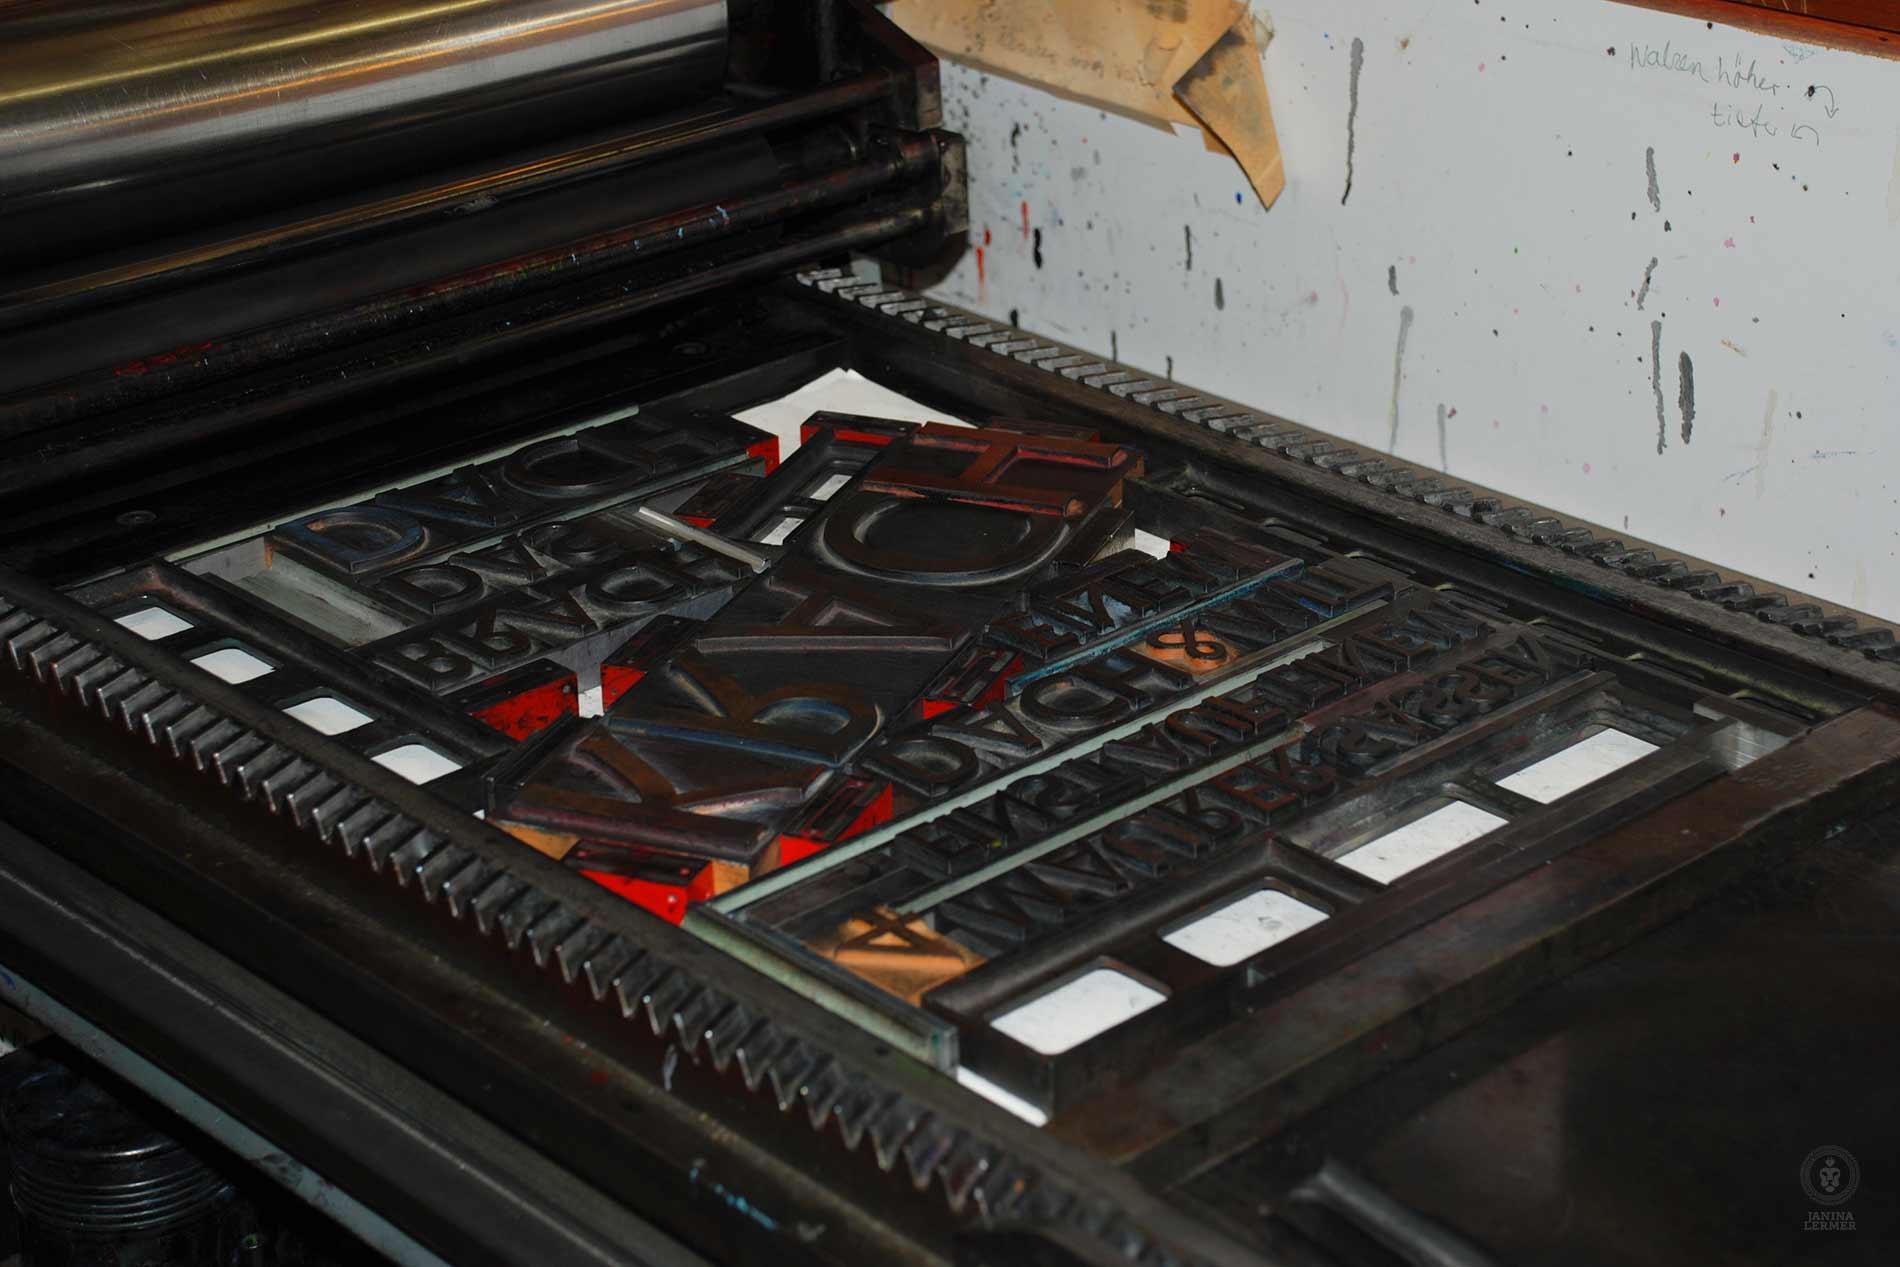 Janina-Lermer-Buchgestaltung-Magazingestaltung-Editorialdesign-Bleisatz-Metaltype-printing-machine-Werkstatt-Fliegenkopf_01